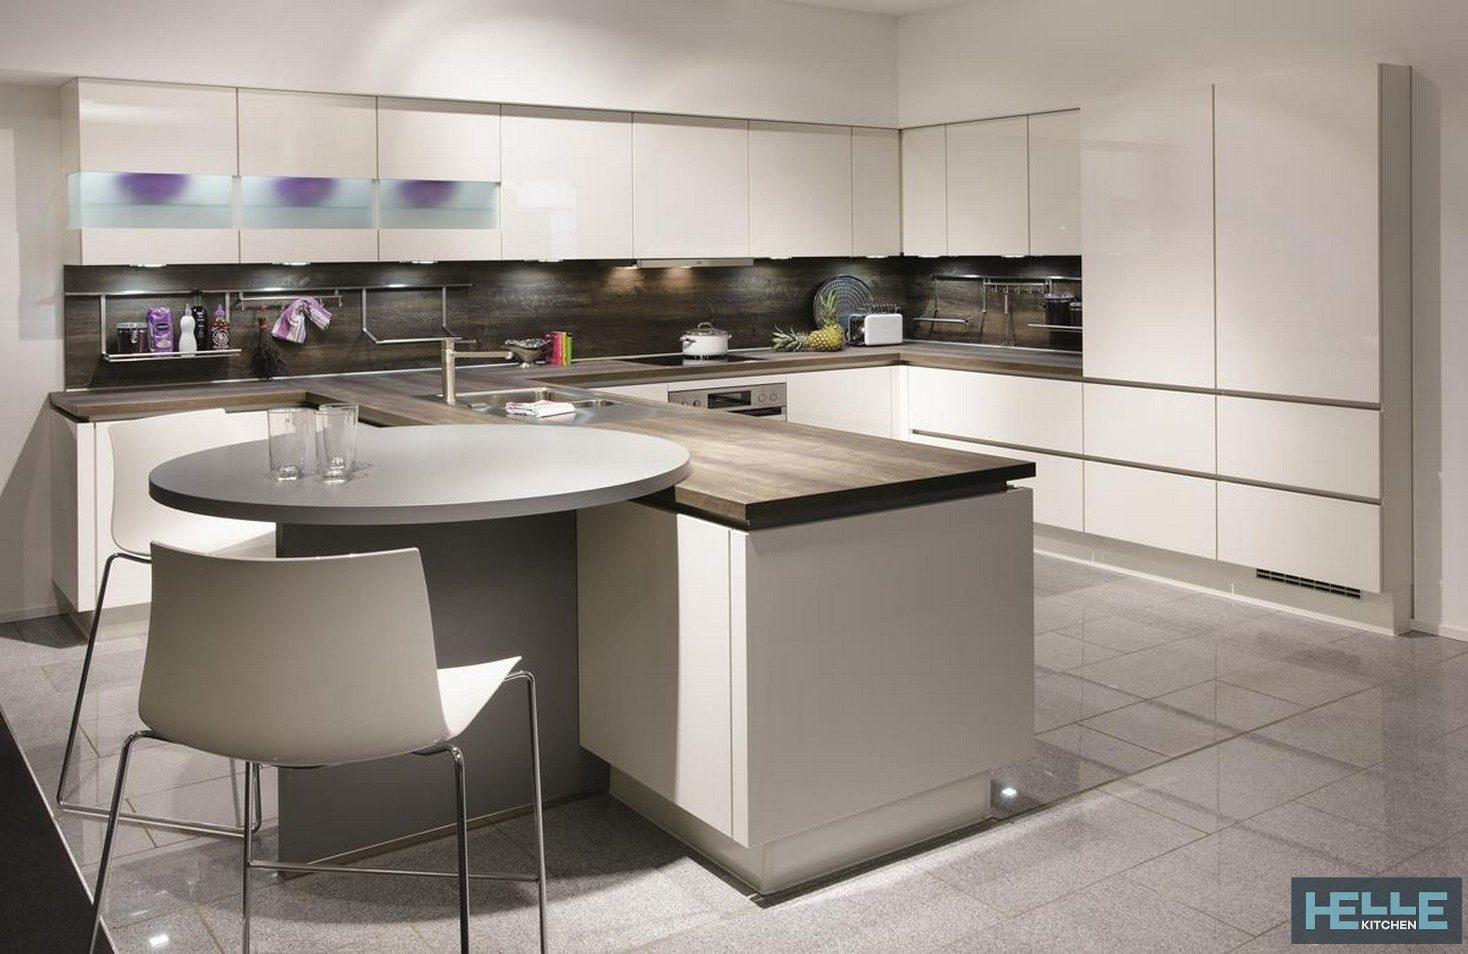 Unico Ambiente Cucina Soggiorno arredare cucina e soggiorno in ambiente unico | helle kitchen